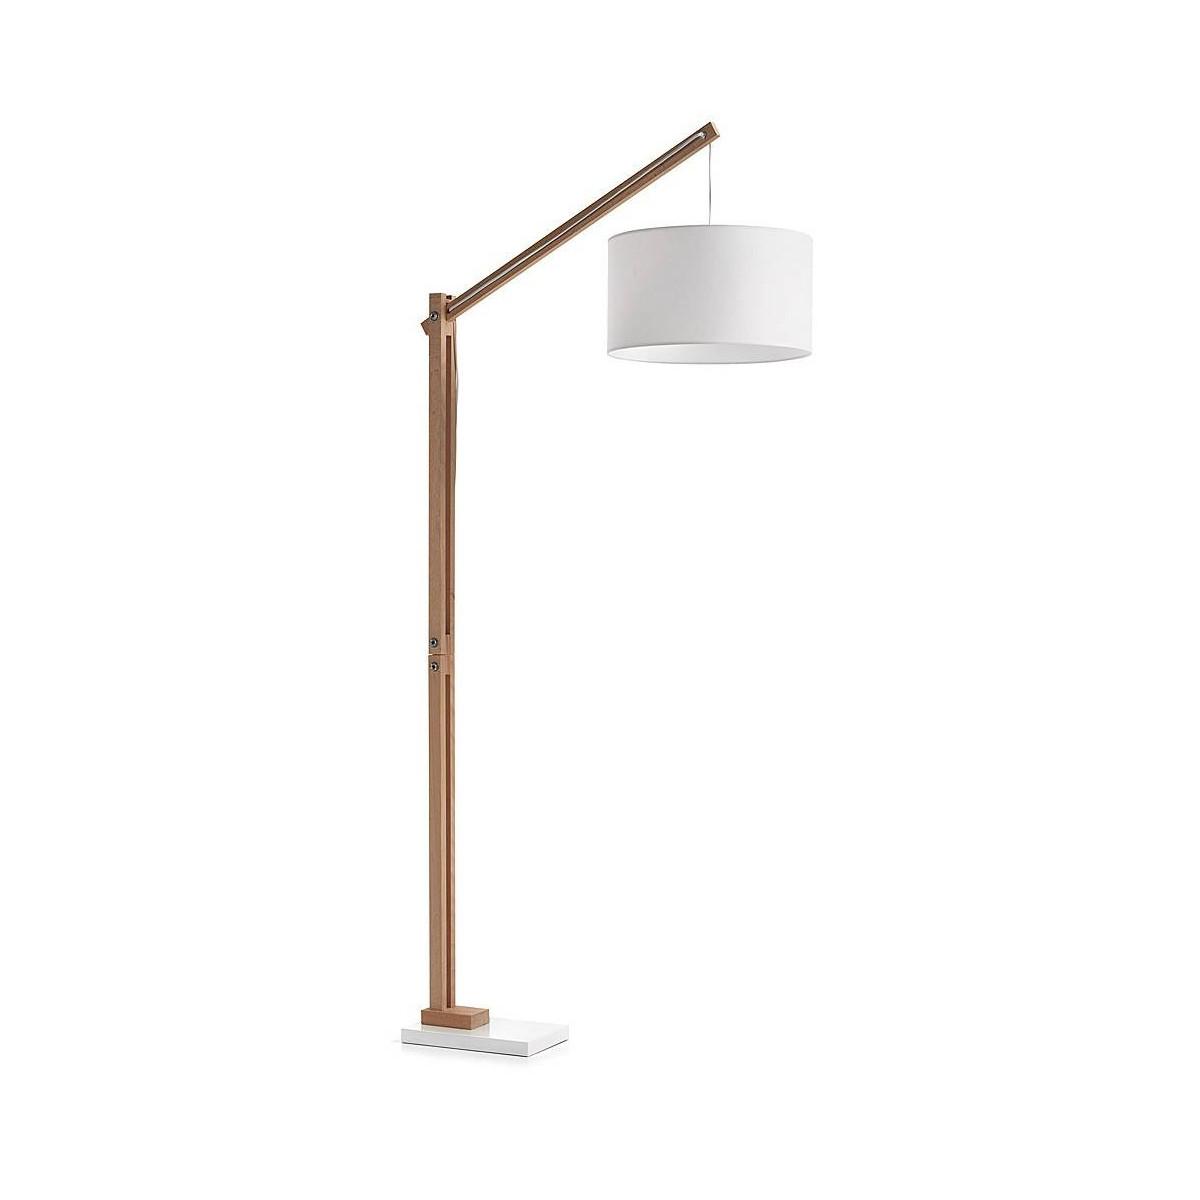 Lamparas De Pie Para Baño: Lámparas de suelo > Lámpara de pie pantalla colgante estilo nórdico